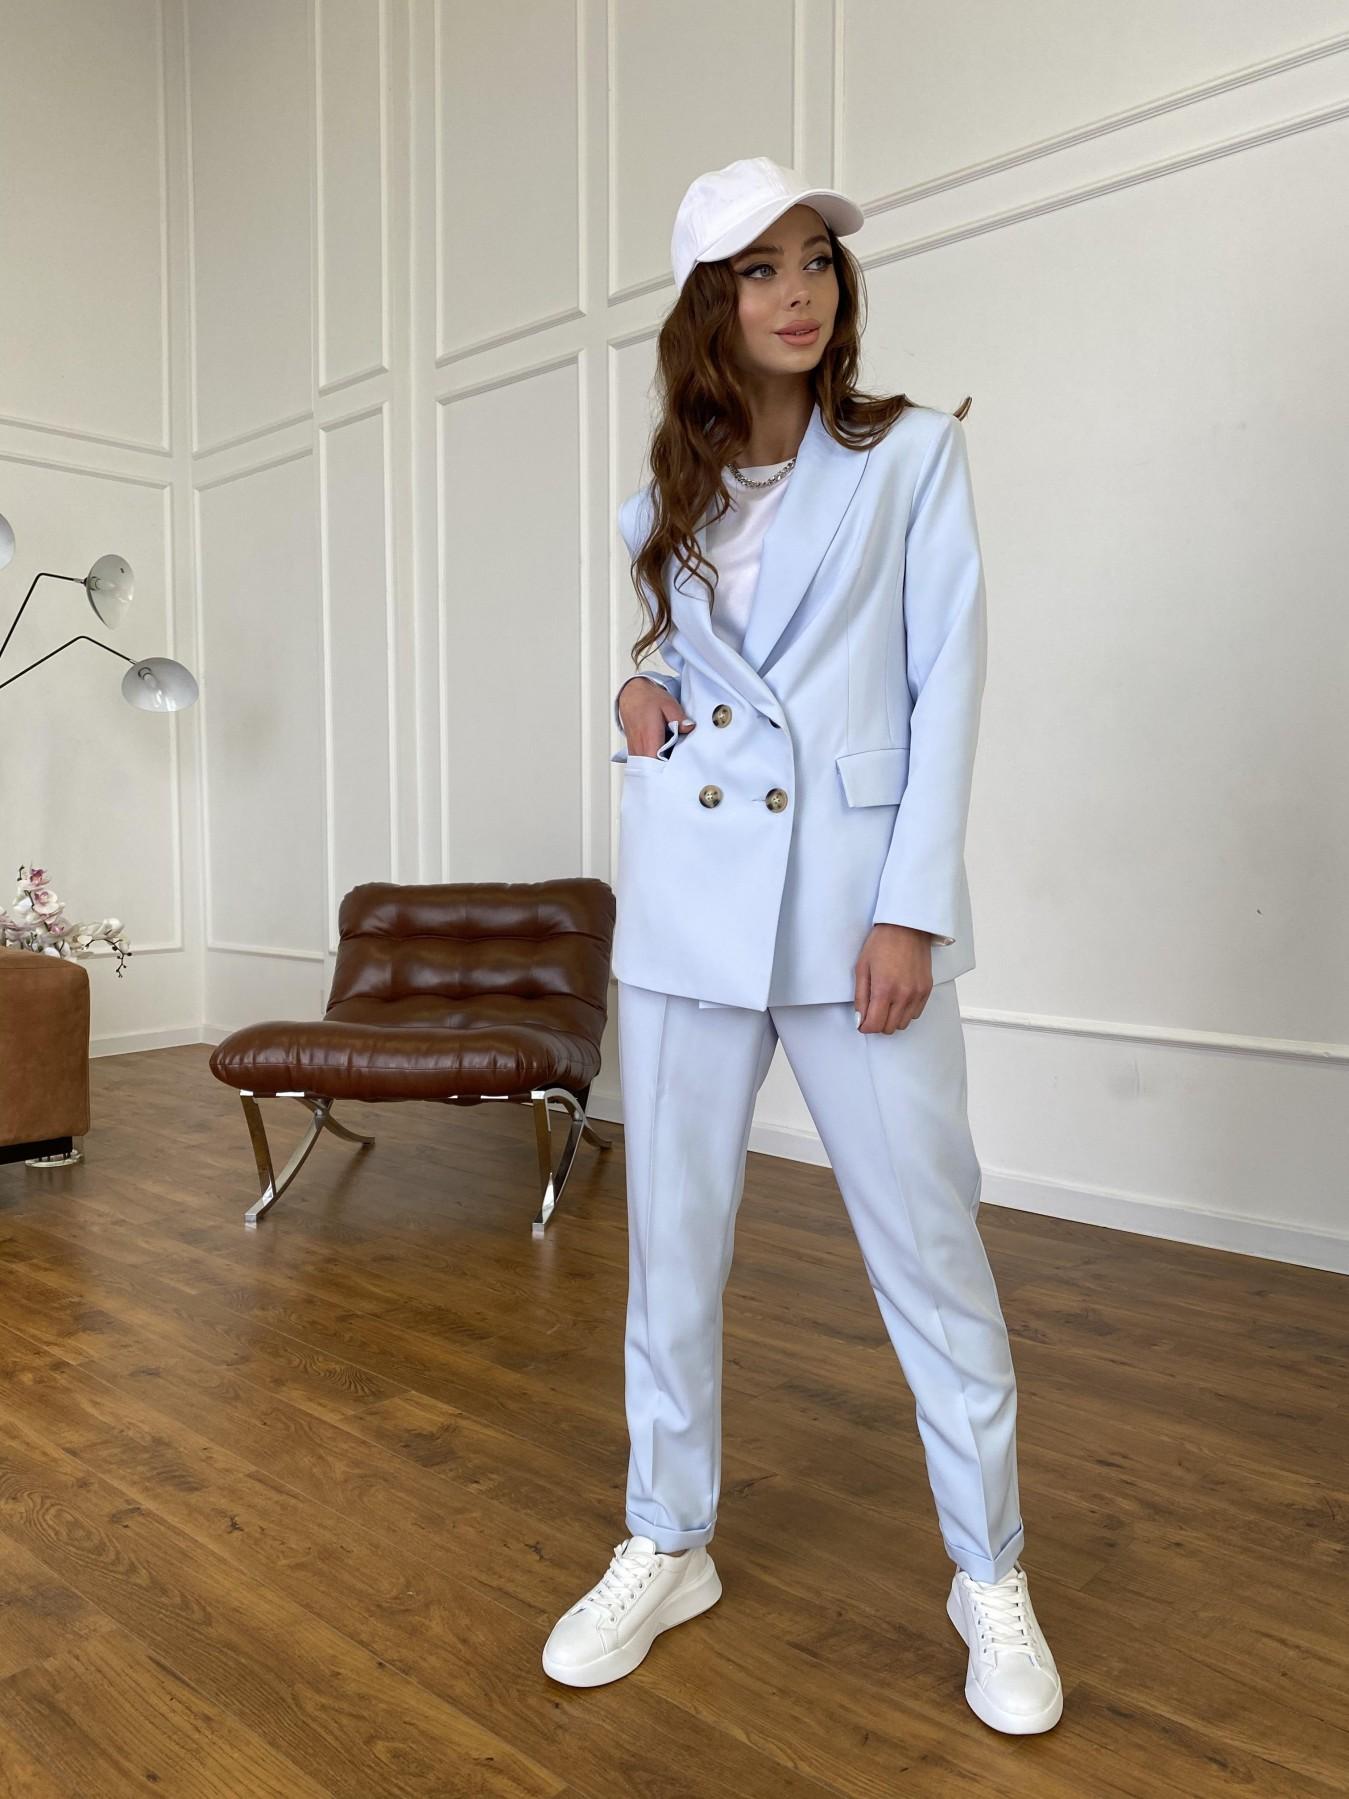 Франко костюм стрейчевый из костюмной ткани 11090 АРТ. 47580 Цвет: Голубой - фото 4, интернет магазин tm-modus.ru